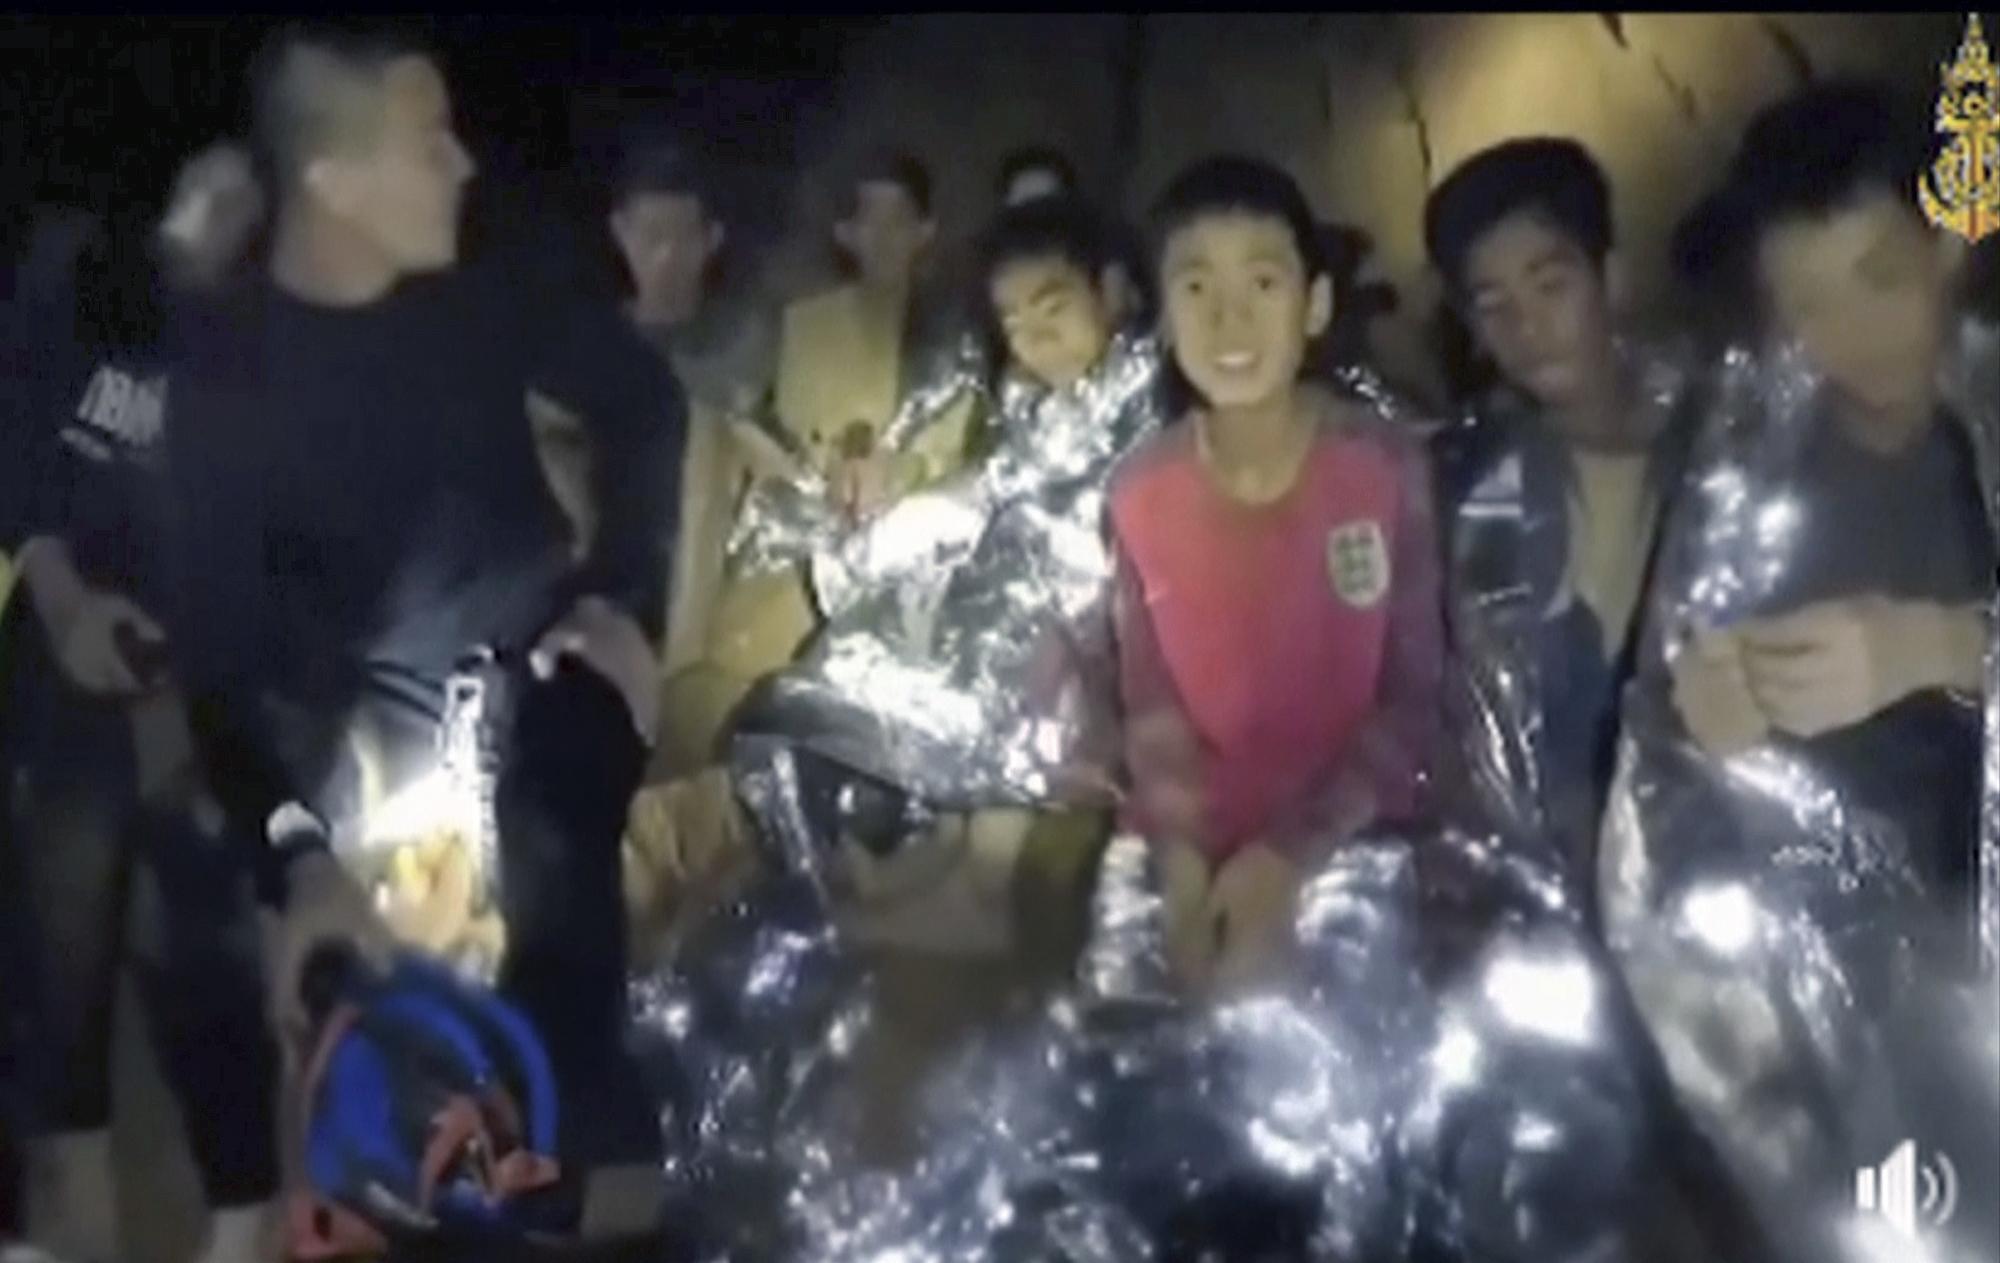 7월 3일 수색작업에 나선 태국 네이비실 요원들이 동굴 속에서 고립된 소년들을 발견한 후 촬영한 동영상을 공개했다. [AP=연합뉴스]